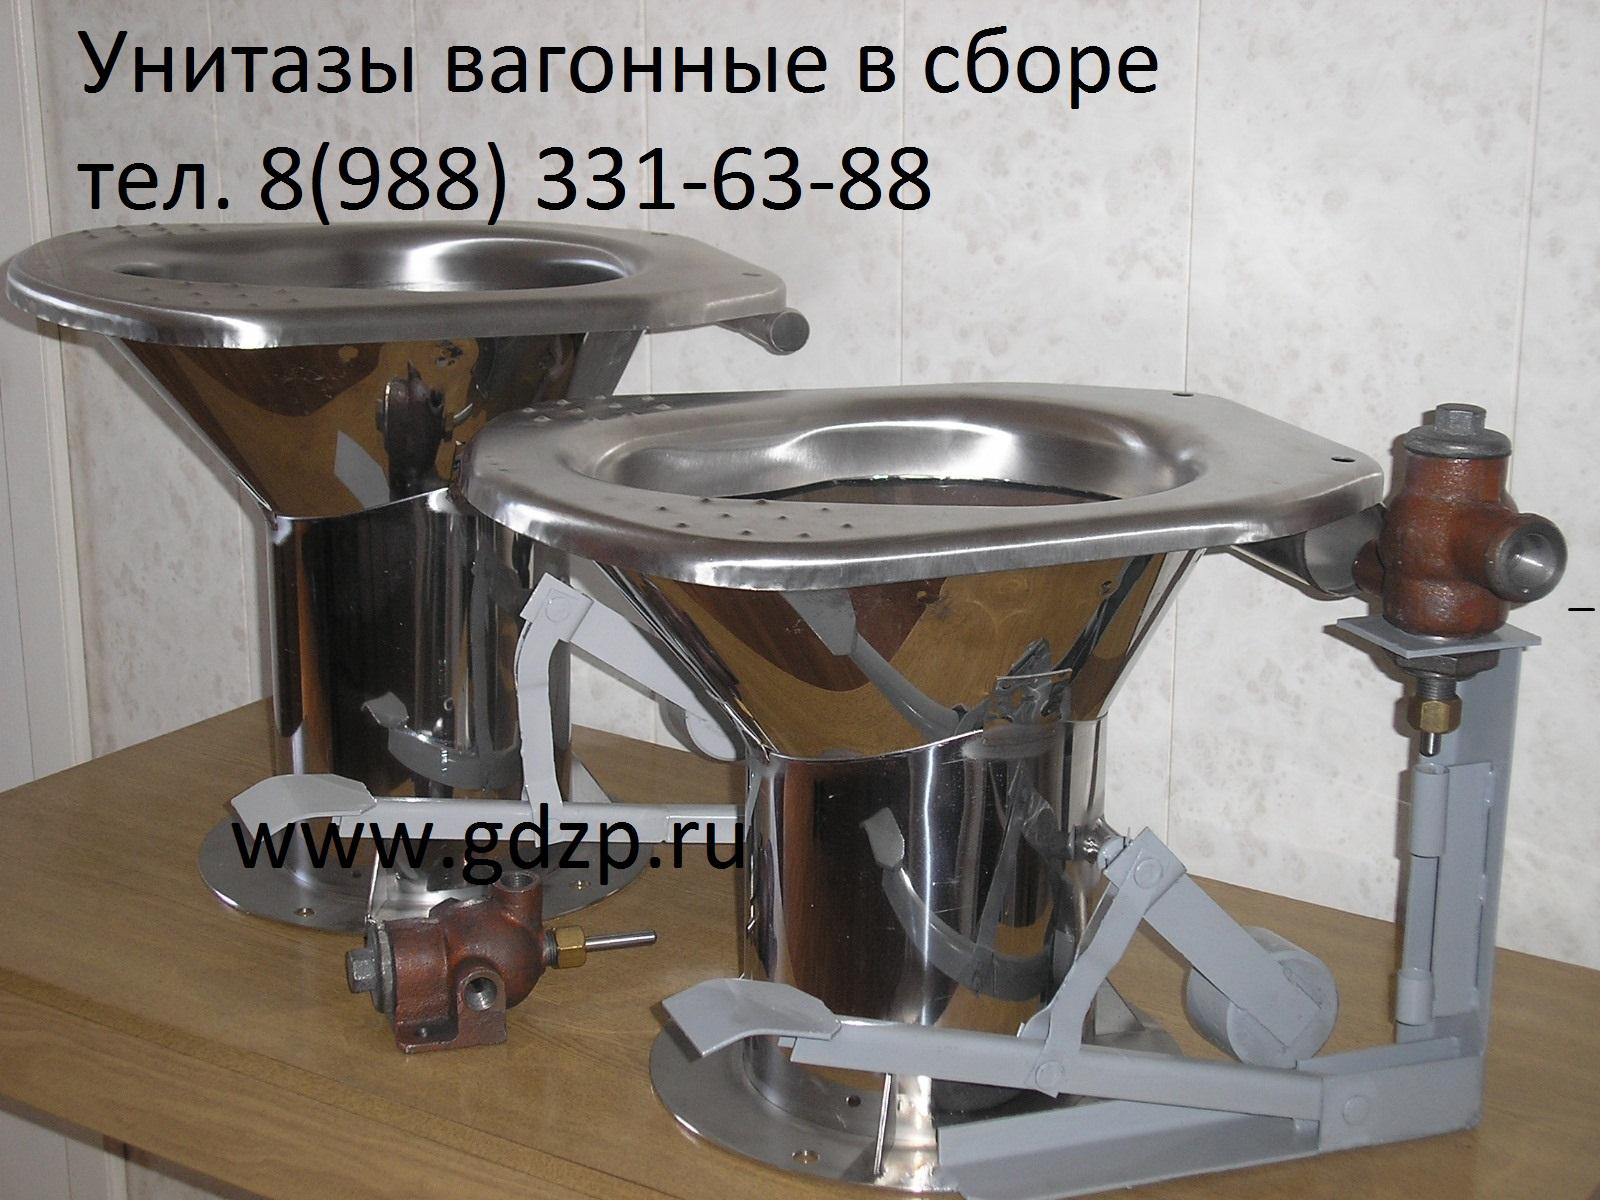 Унитаз для плацкартных и купейных вагонов  в сборе с педальным механизмом 56500-Н ПКБ ЦВ МПС